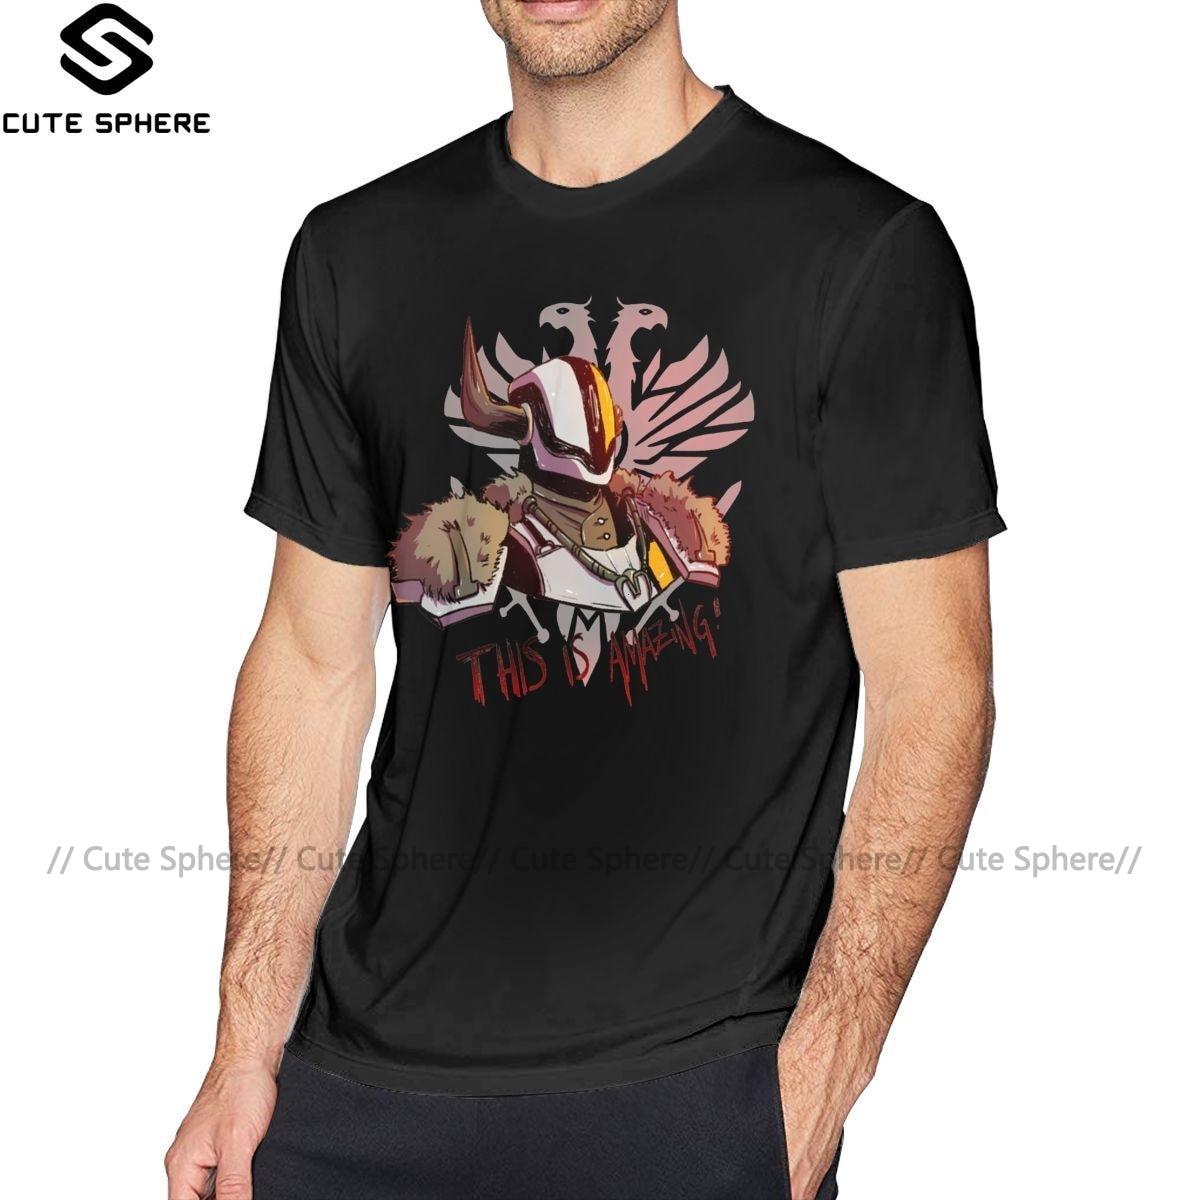 Camiseta DESTINY, esta es una camiseta increíble, camiseta de gran tamaño de manga corta, camiseta estampada impresionante 100 algodón